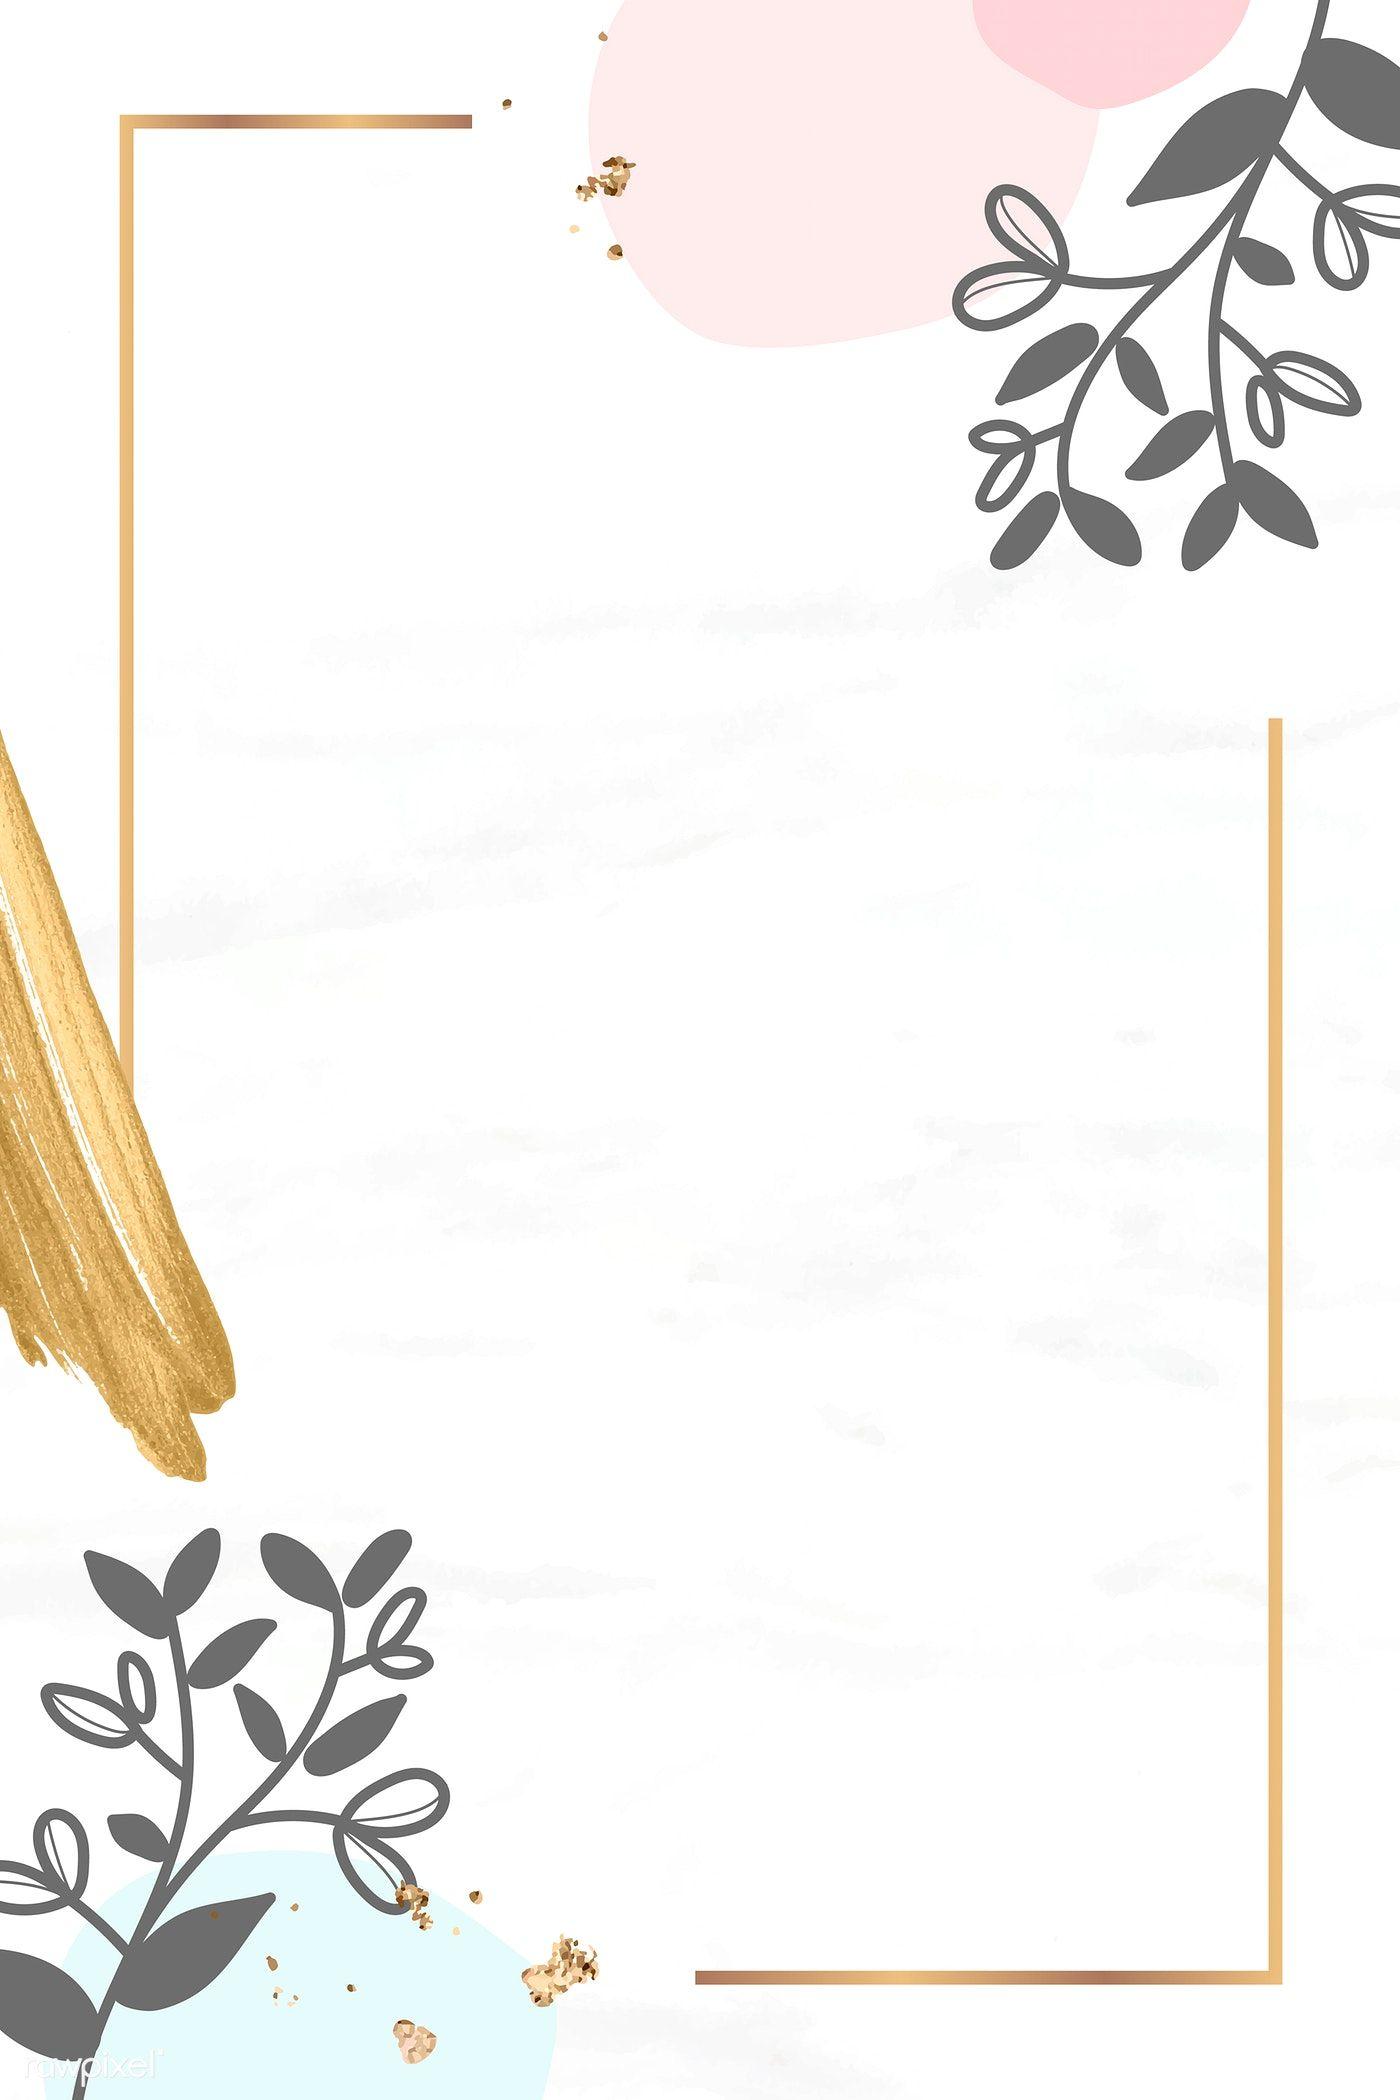 Download Premium Vector Of Golden Floral Rectangle Frame Vector 1217501 Floral Border Design Pastel Background Wallpapers Floral